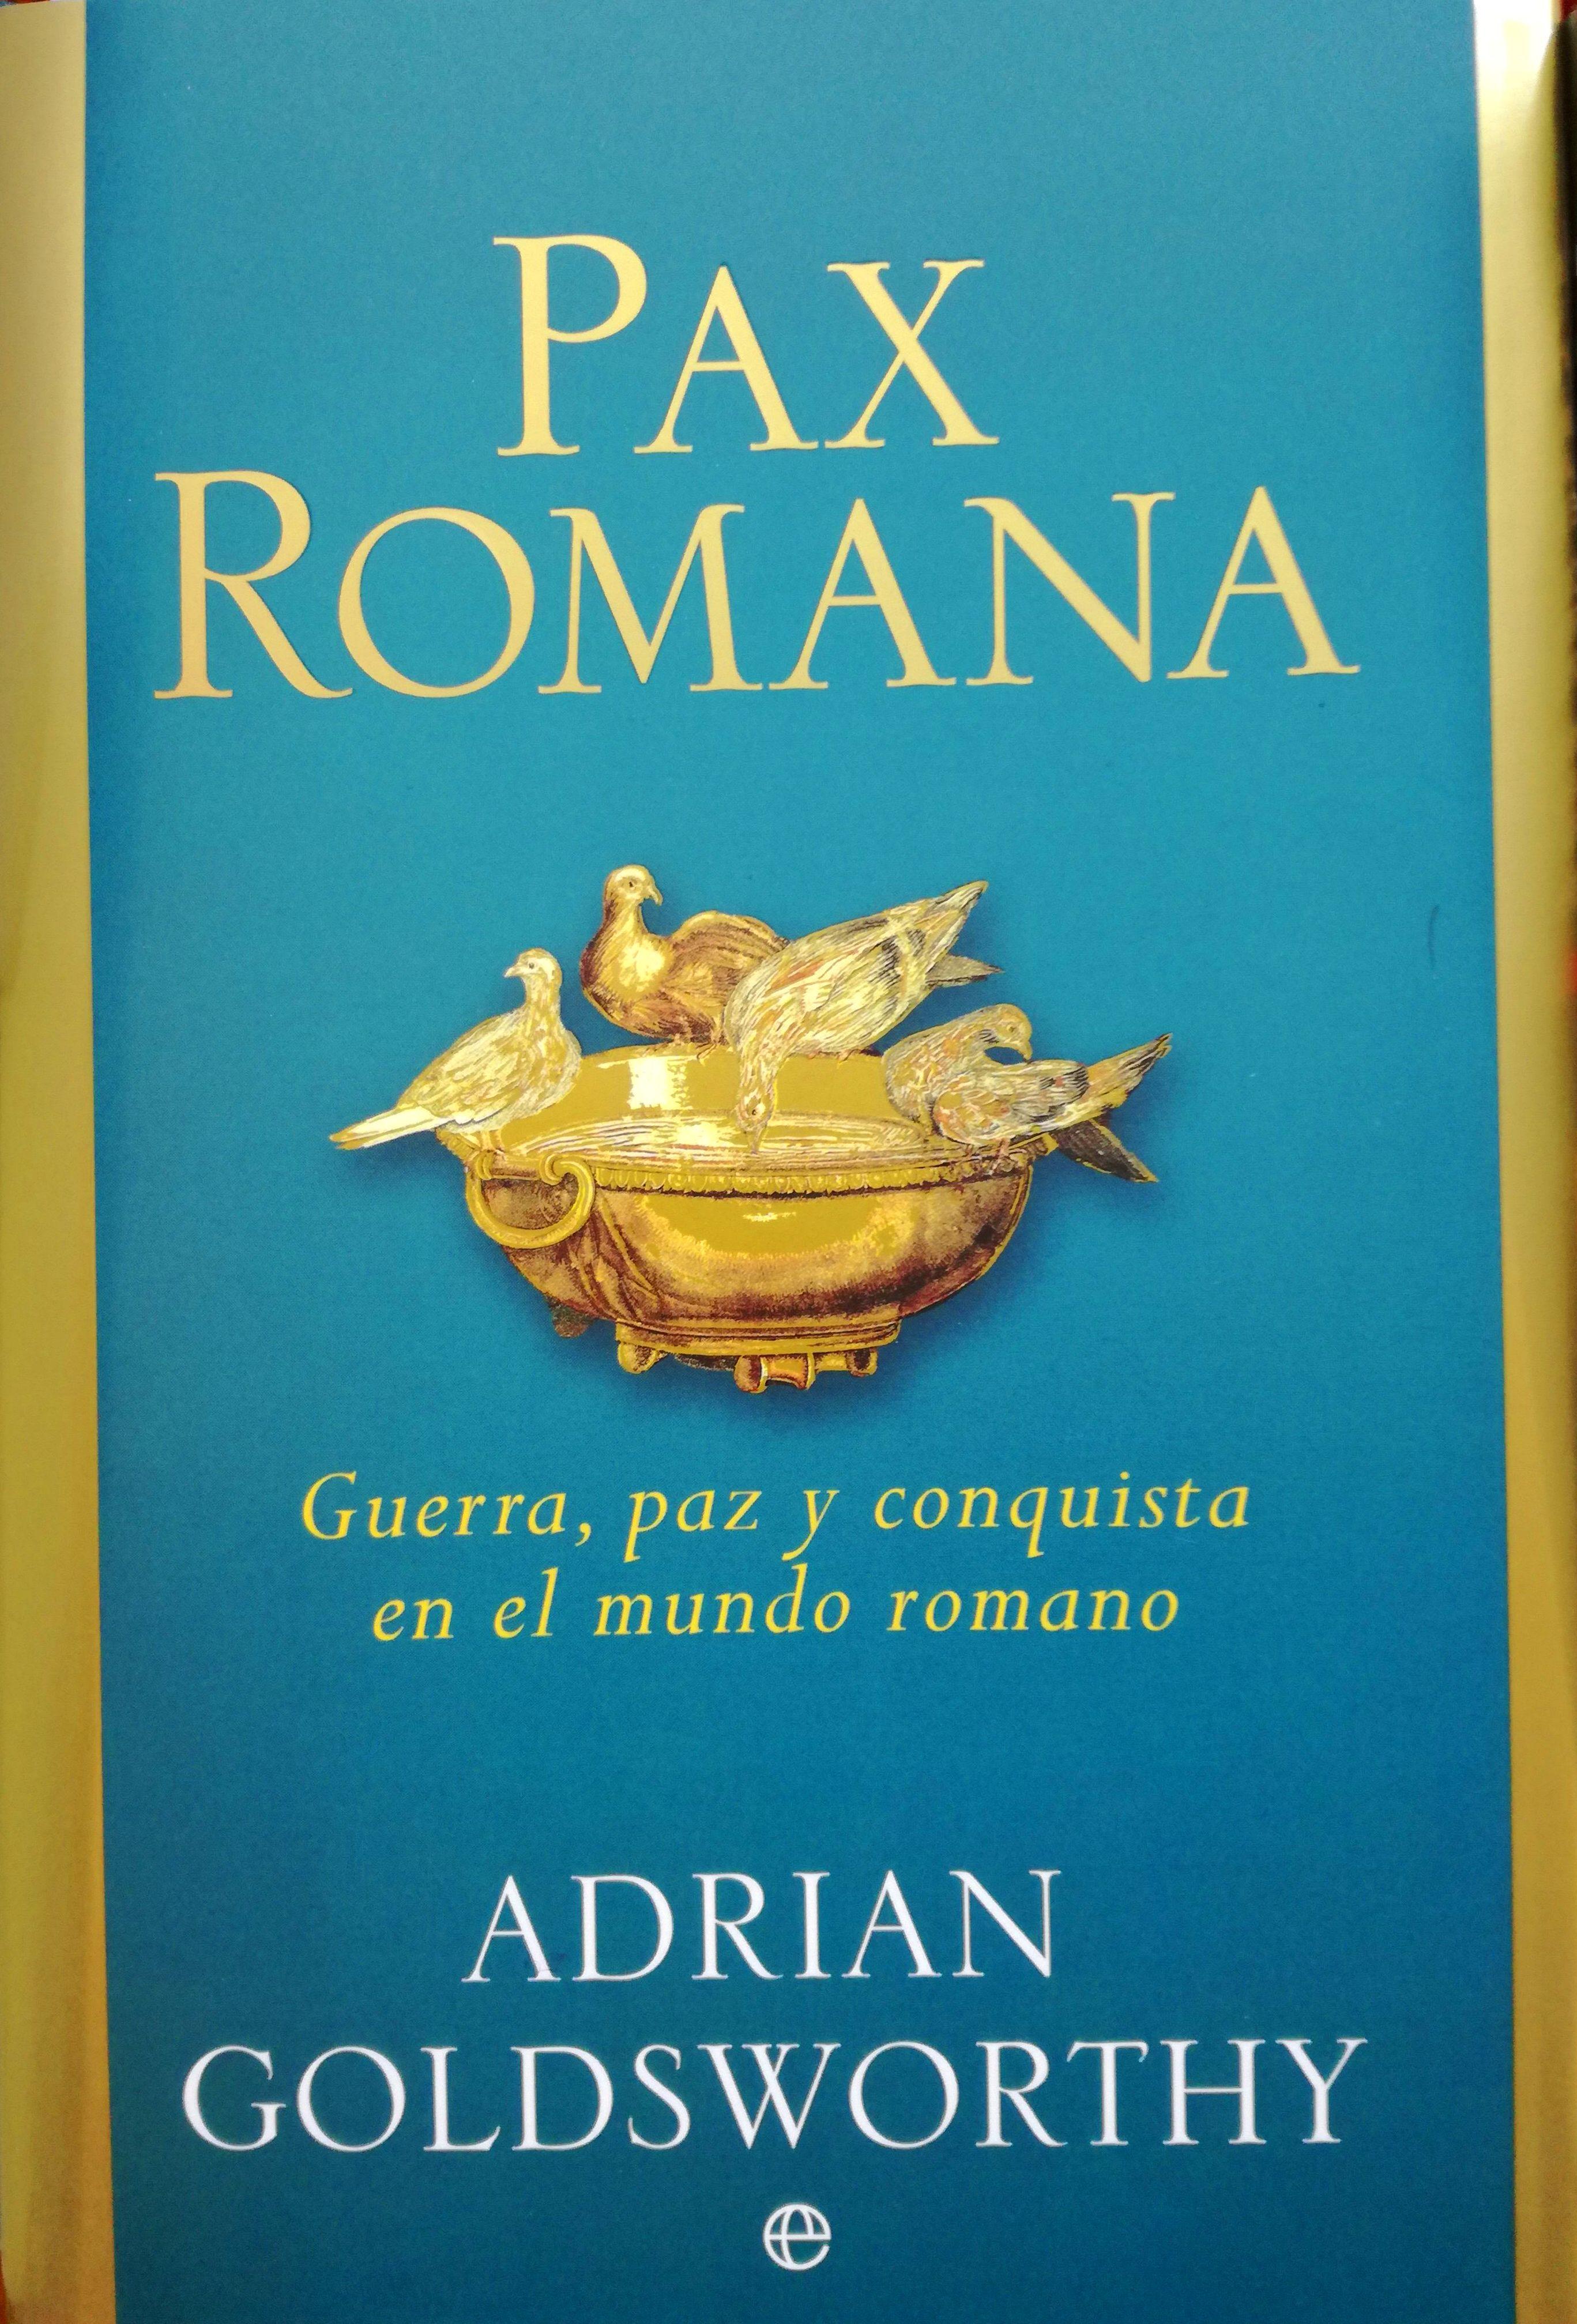 Pax romana: SECCIONES de Librería Nueva Plaza Universitaria